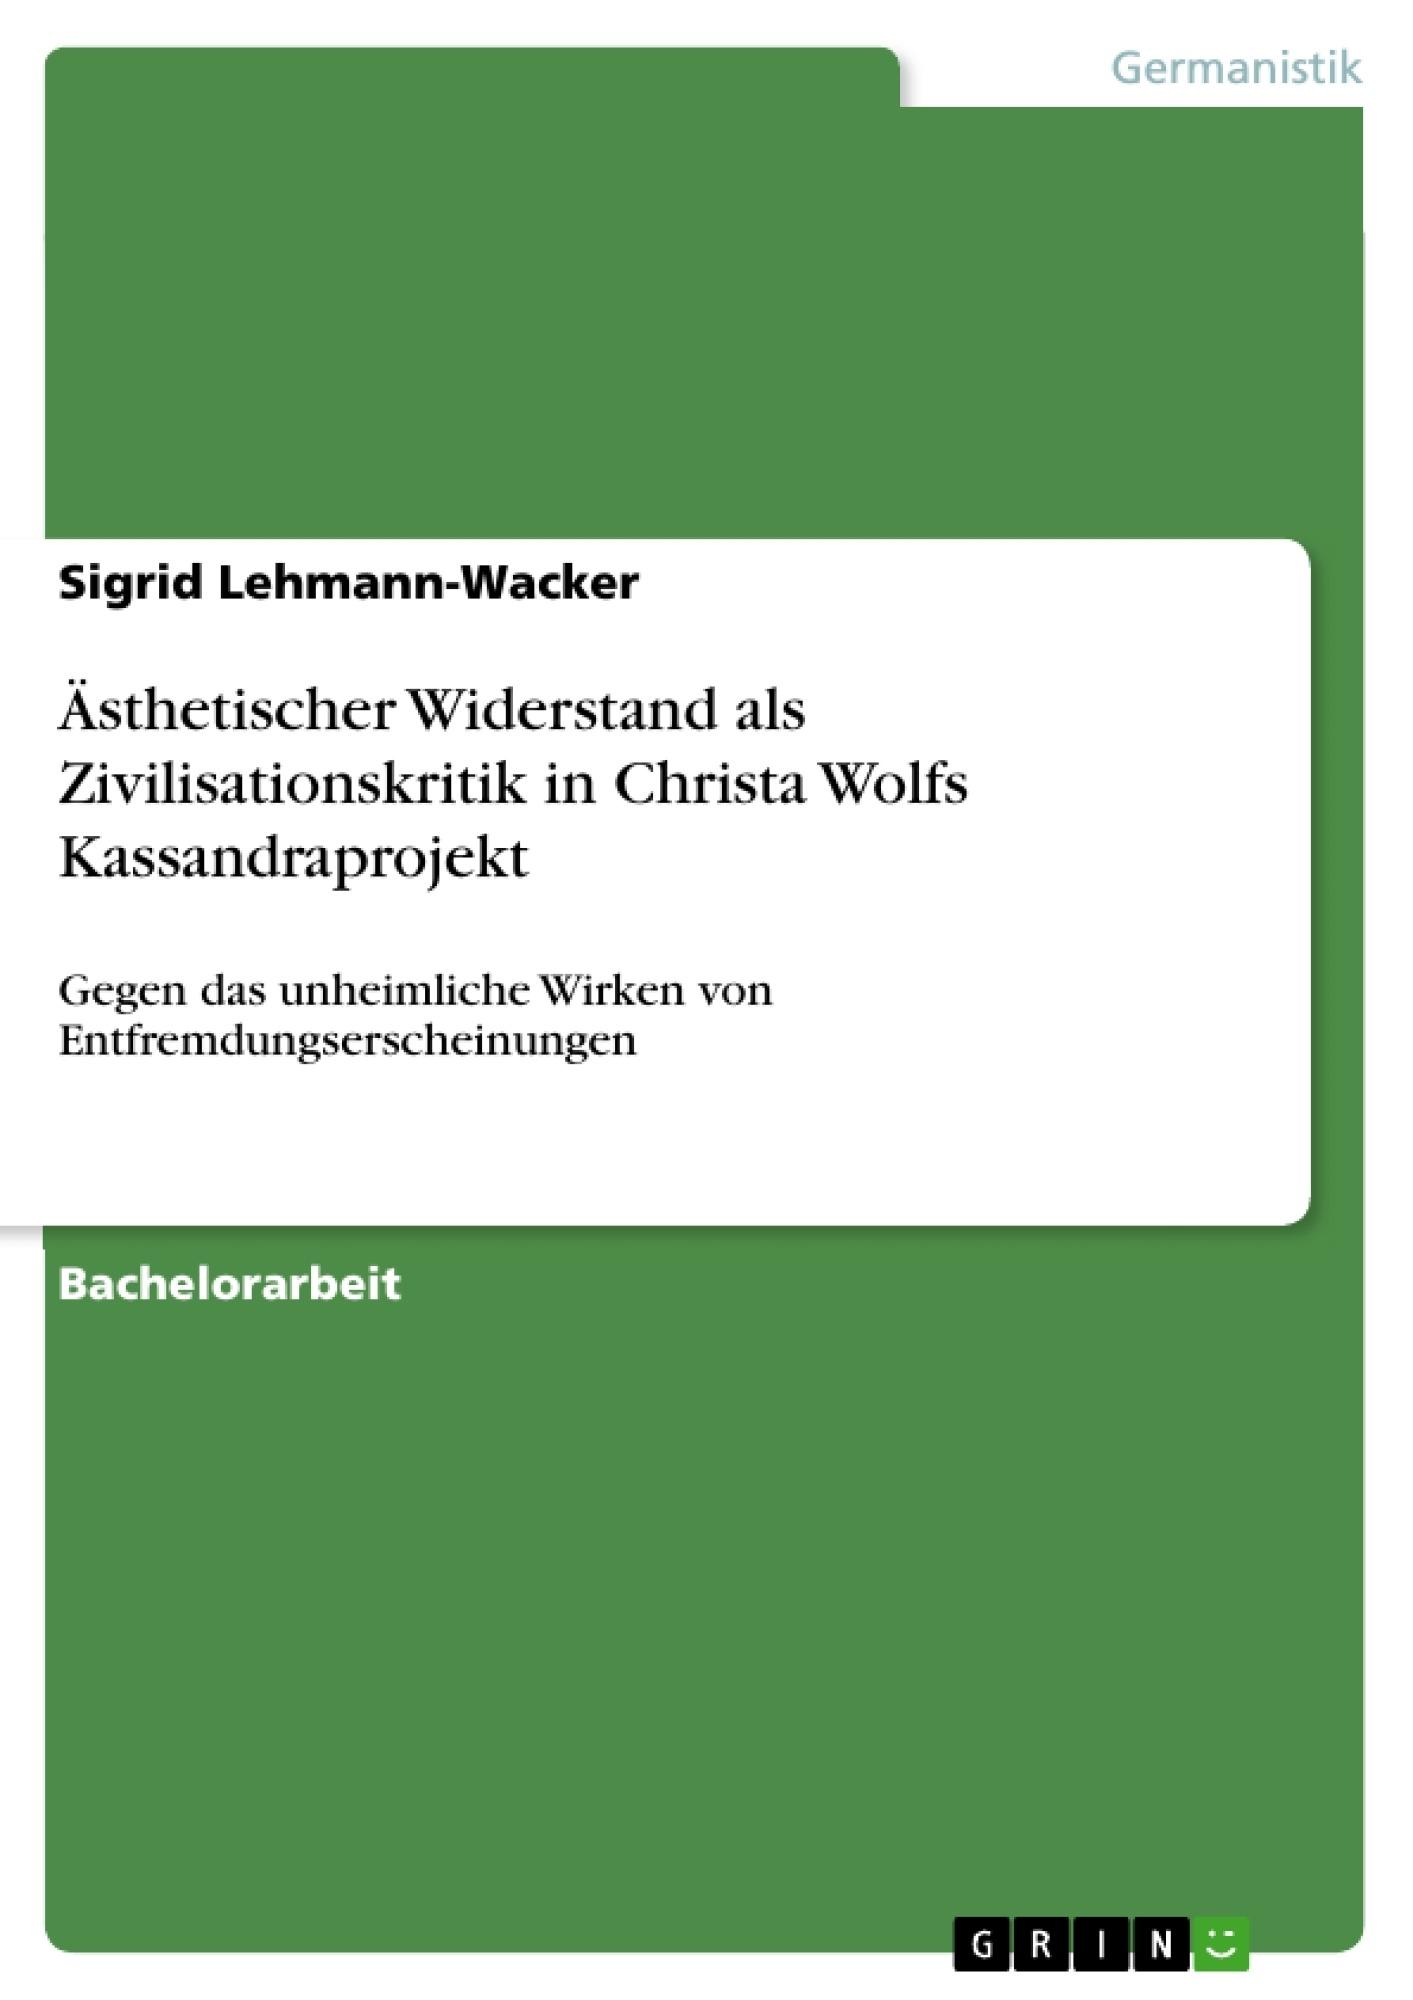 Titel: Ästhetischer Widerstand als Zivilisationskritik in Christa Wolfs Kassandraprojekt